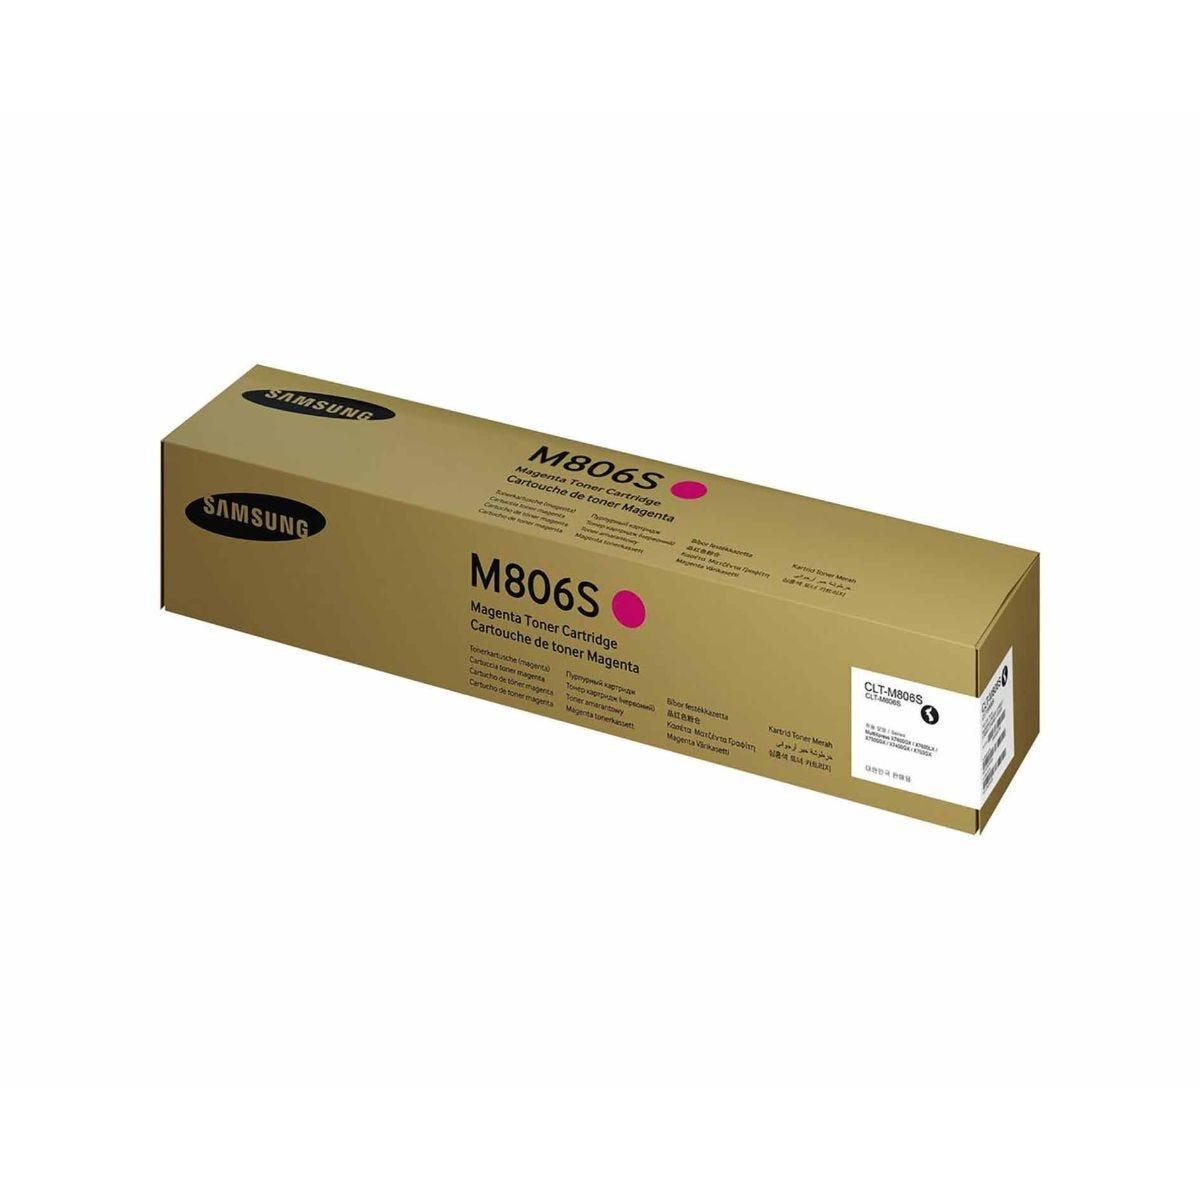 Samsung CLT-M806S Magenta Original Toner Cartridge